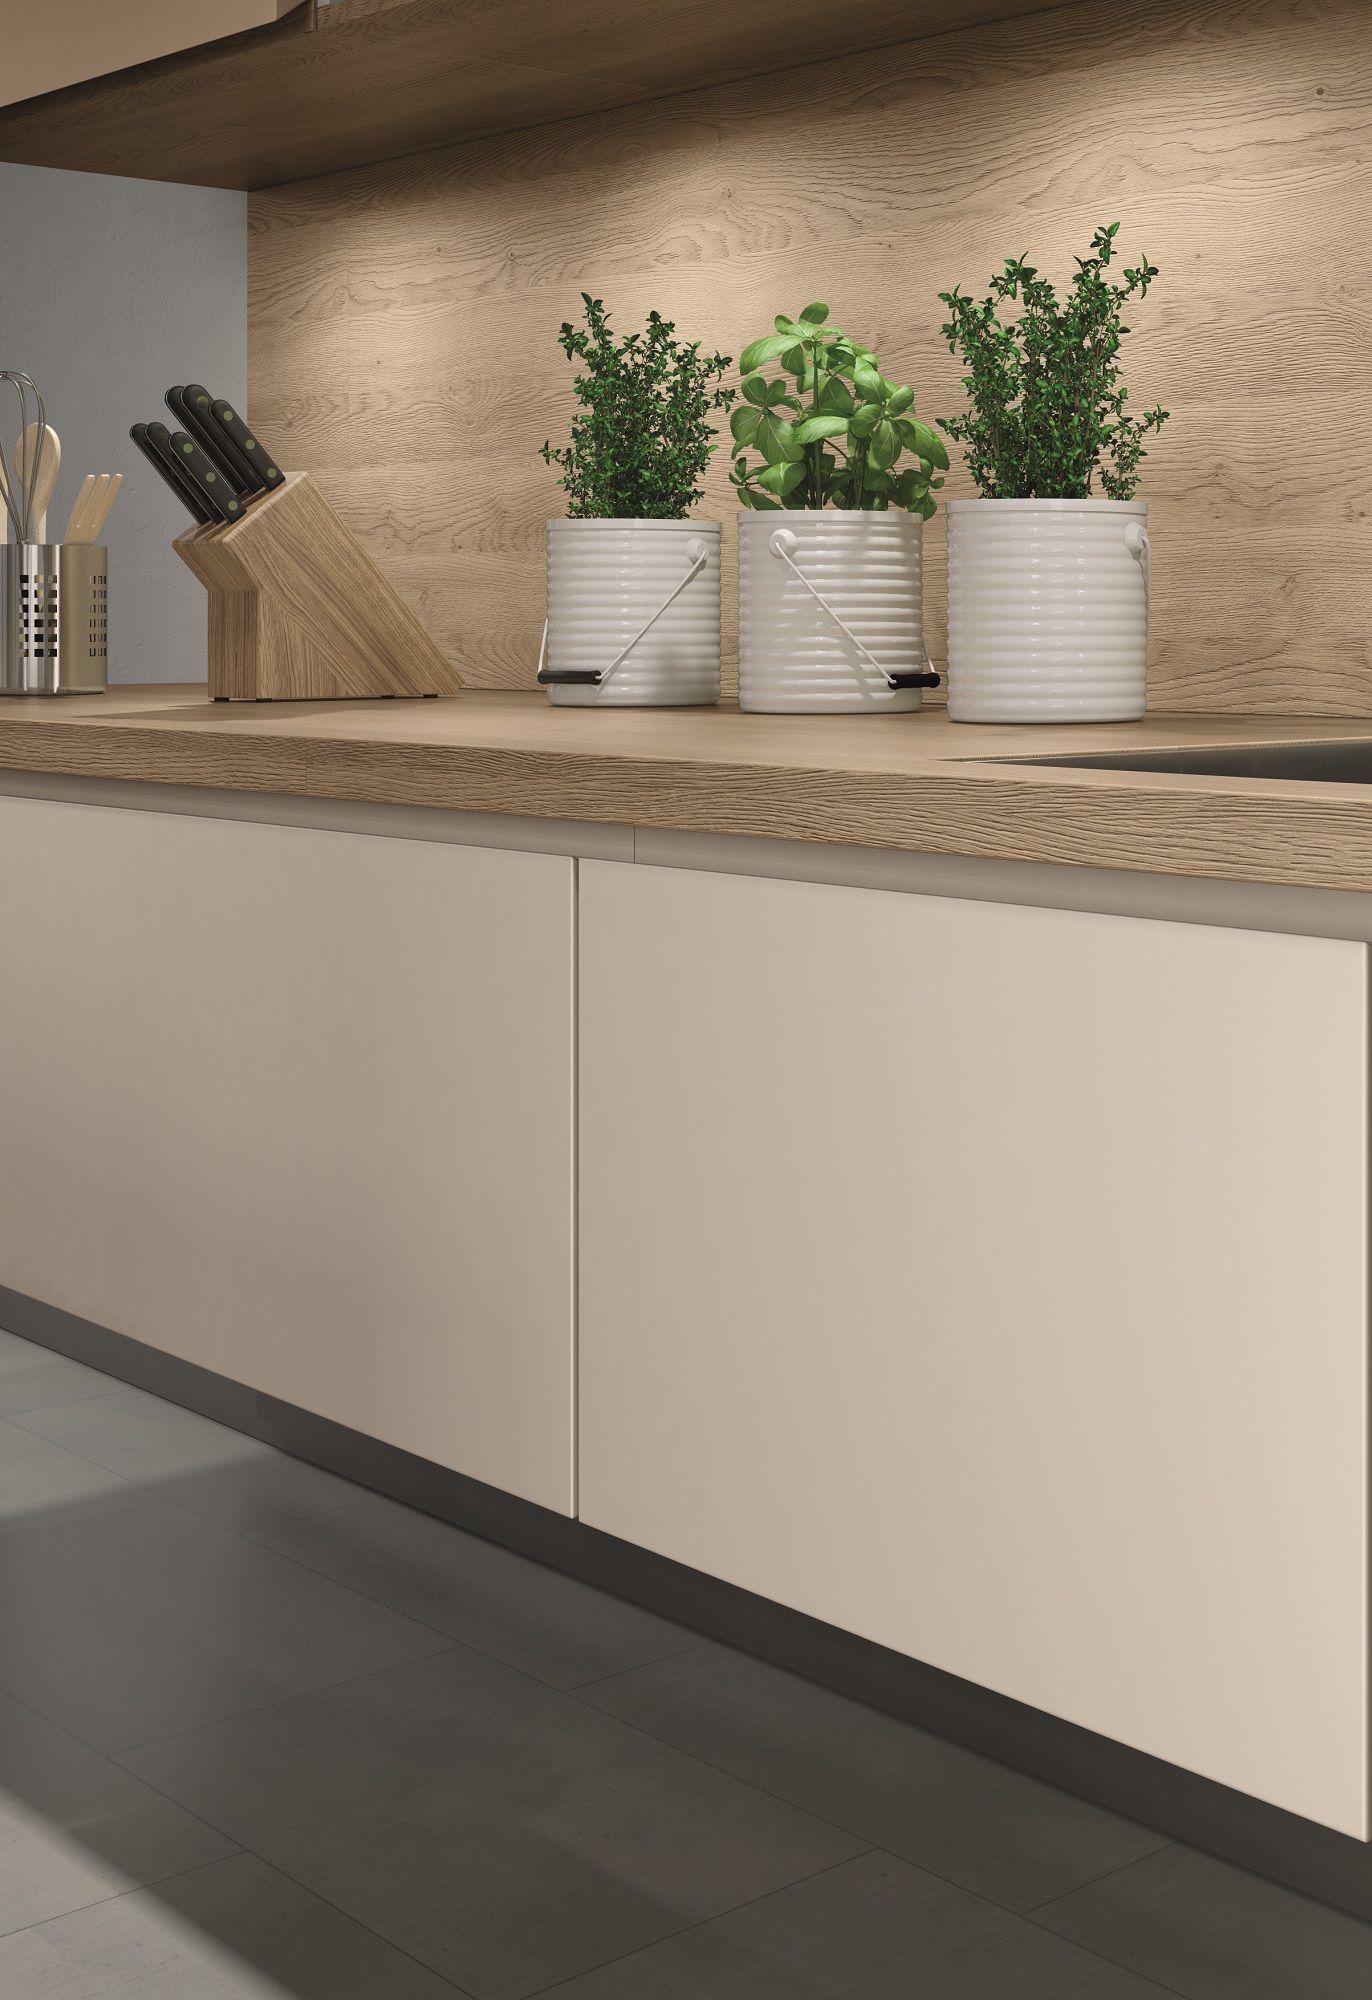 die besten 25 eiche k chenarbeitsplatten ideen auf pinterest eichenarbeitsplatten eichenholz. Black Bedroom Furniture Sets. Home Design Ideas